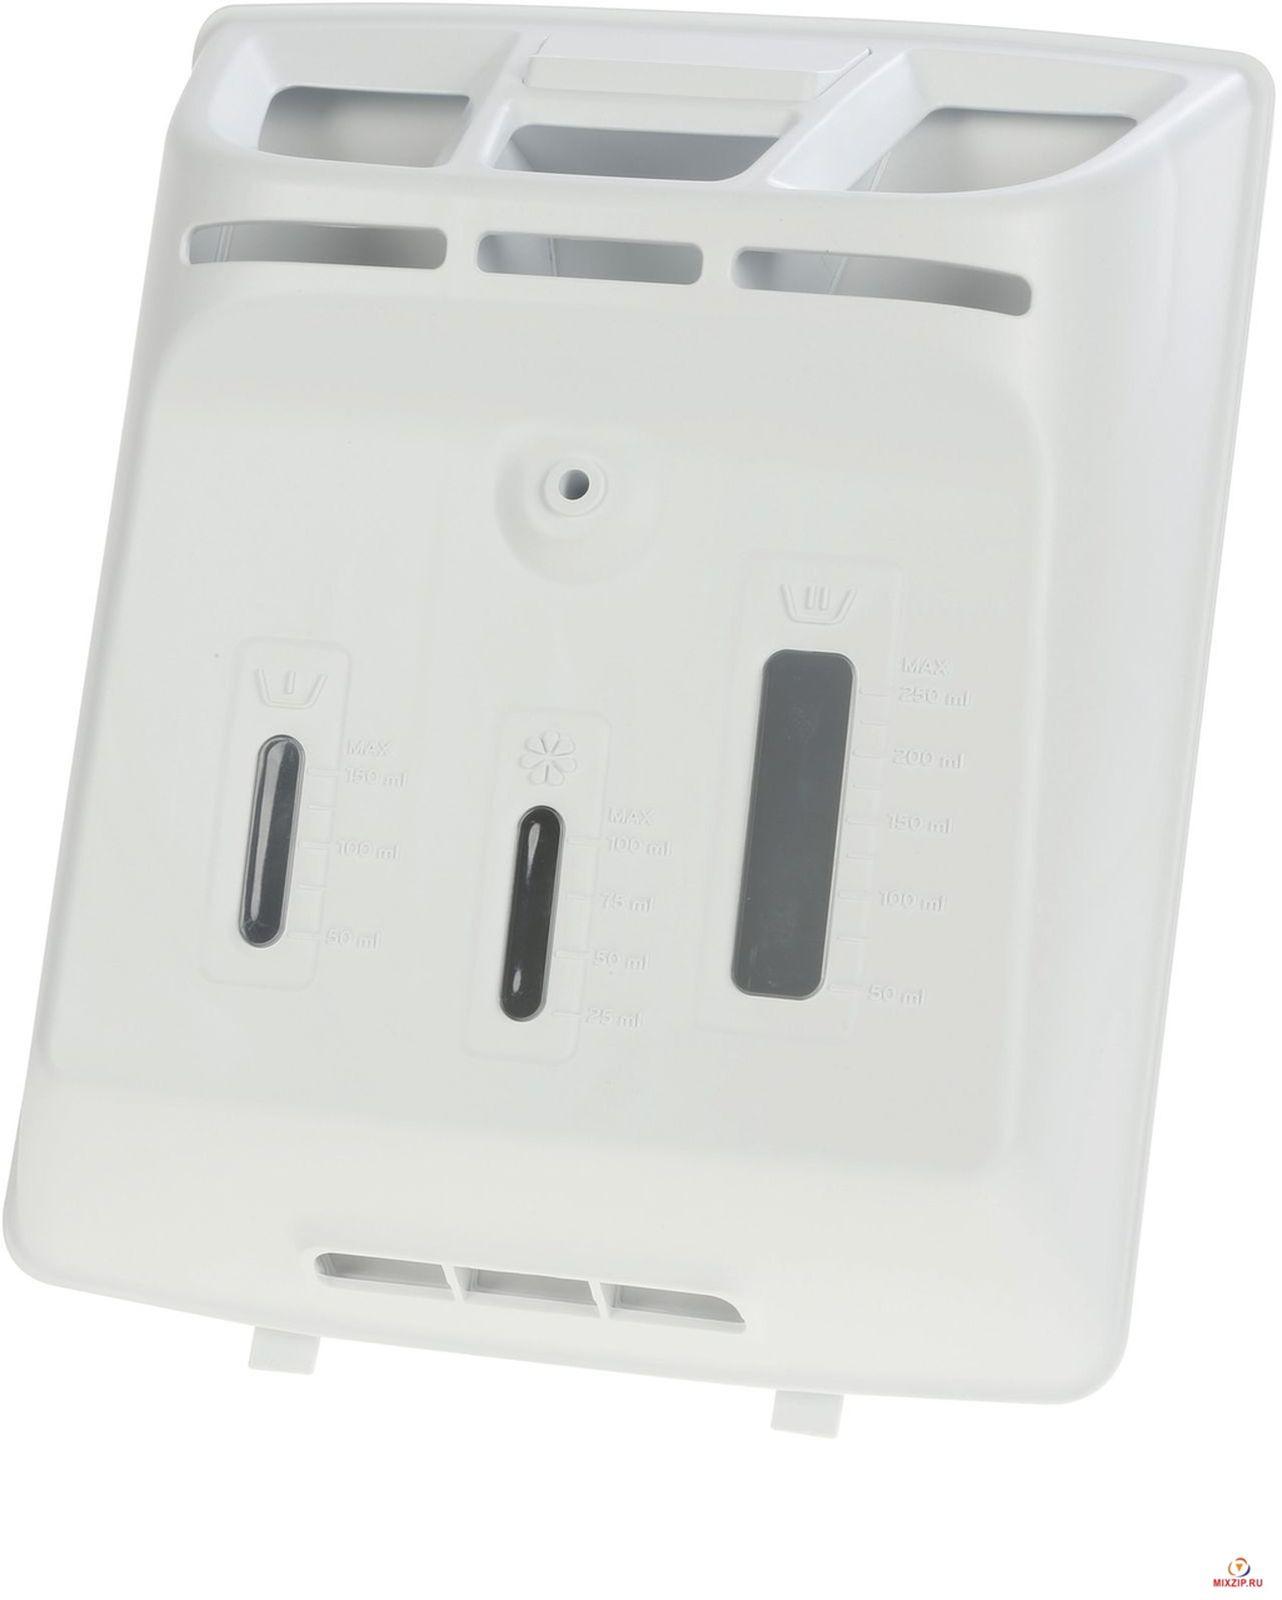 Стиральная машина Whirlpool AWE 6516/1, белый Whirlpool